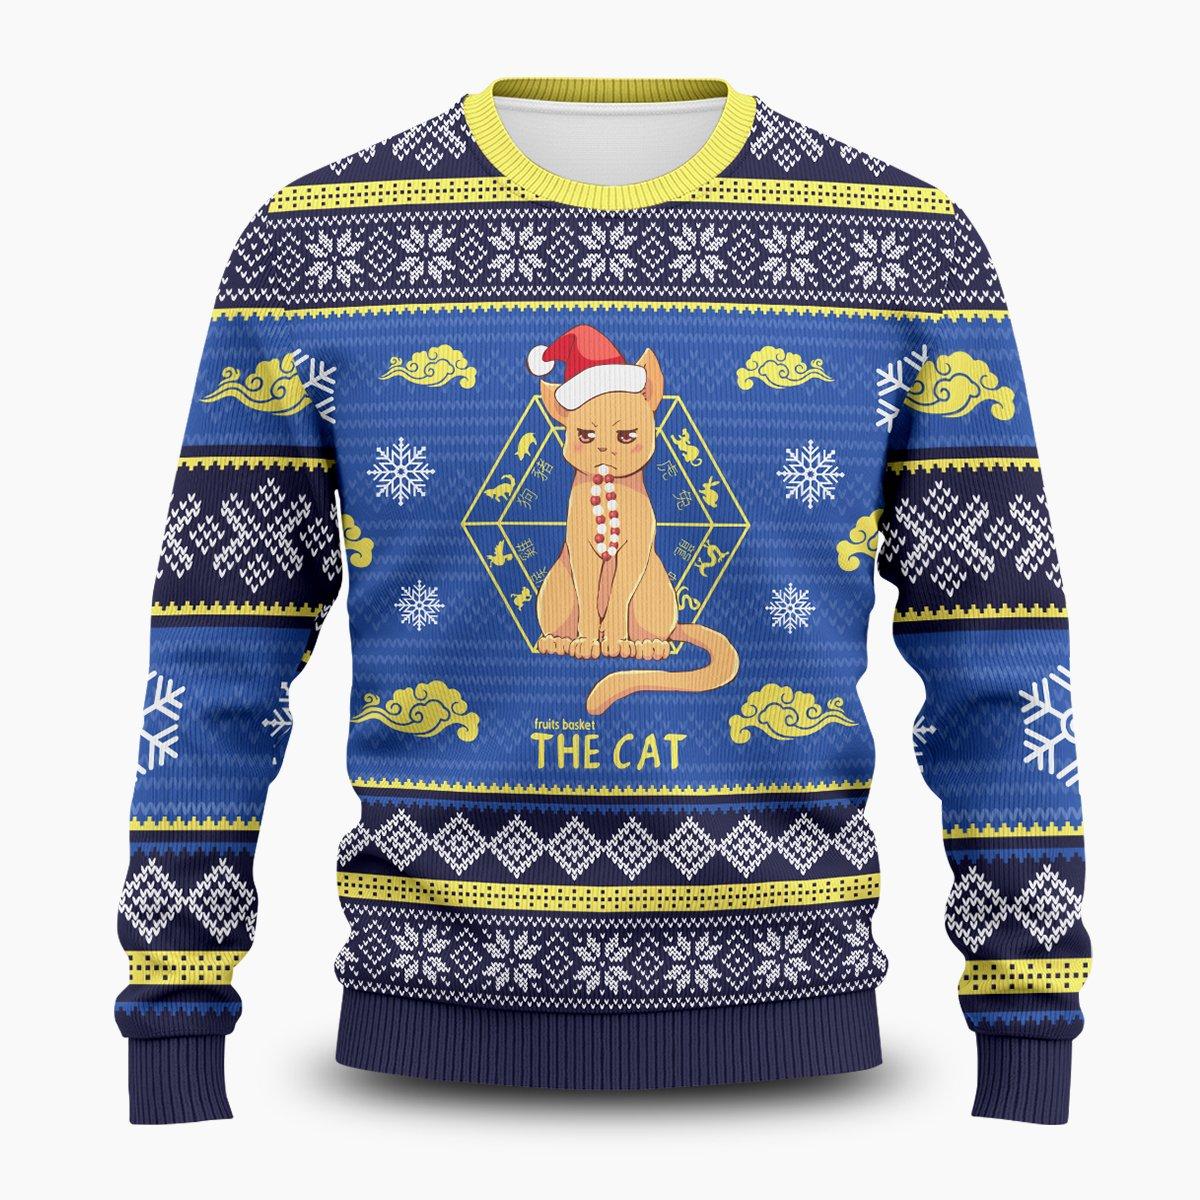 Kyo the Cat Unisex Wool Sweater FDM0310 S Official Otaku Treat Merch